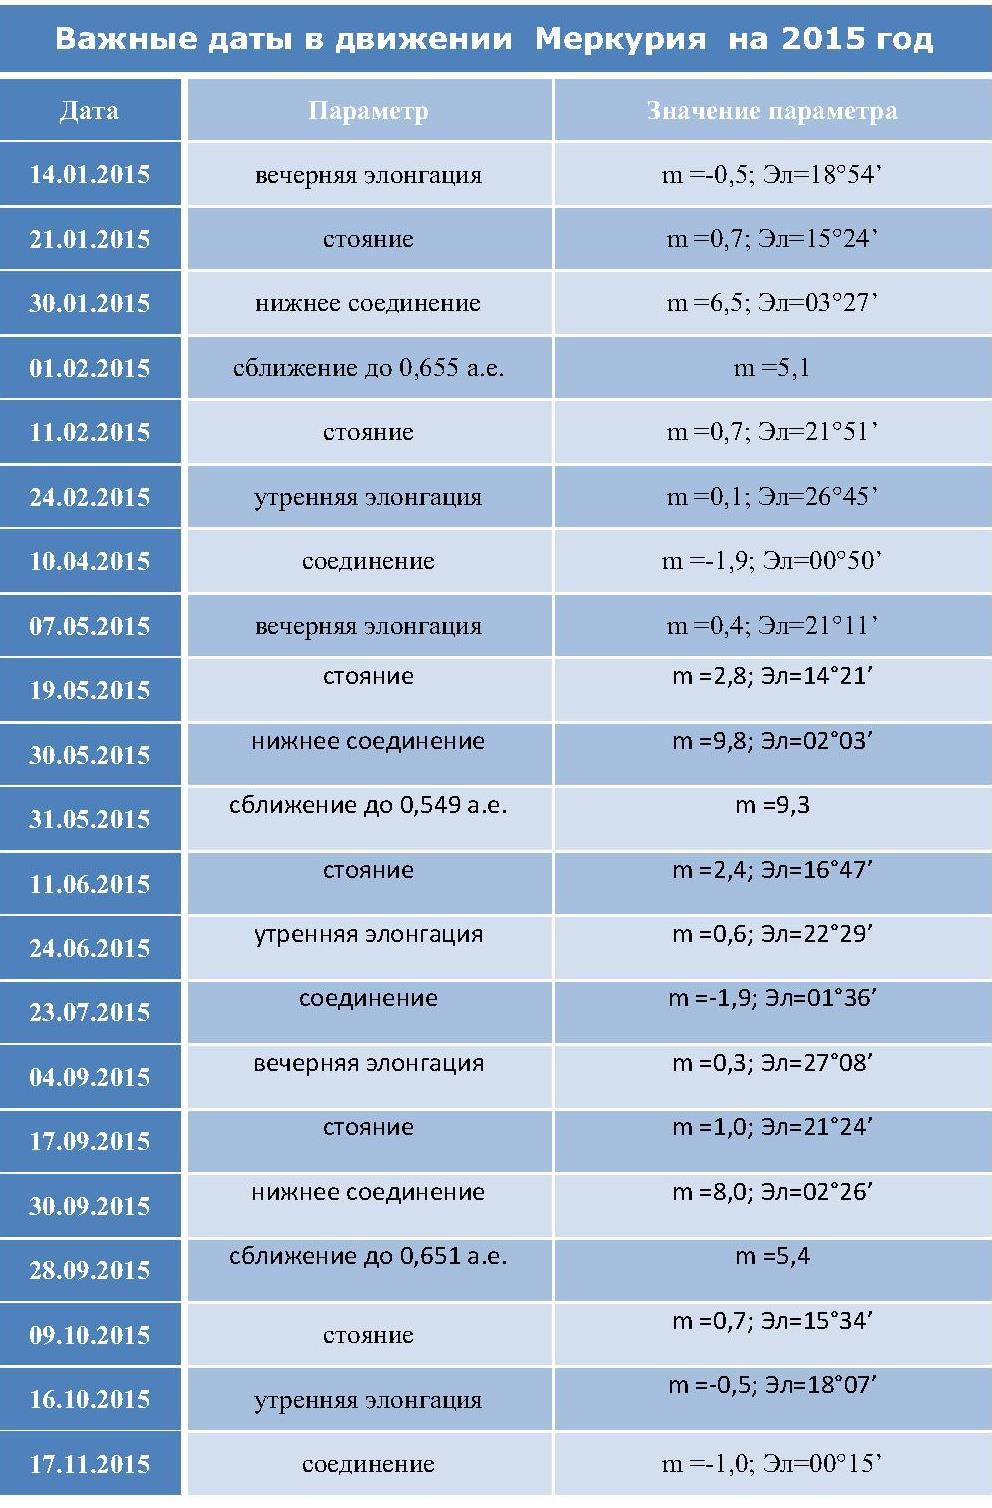 Важные даты в движении Меркурия на 2015 год_1